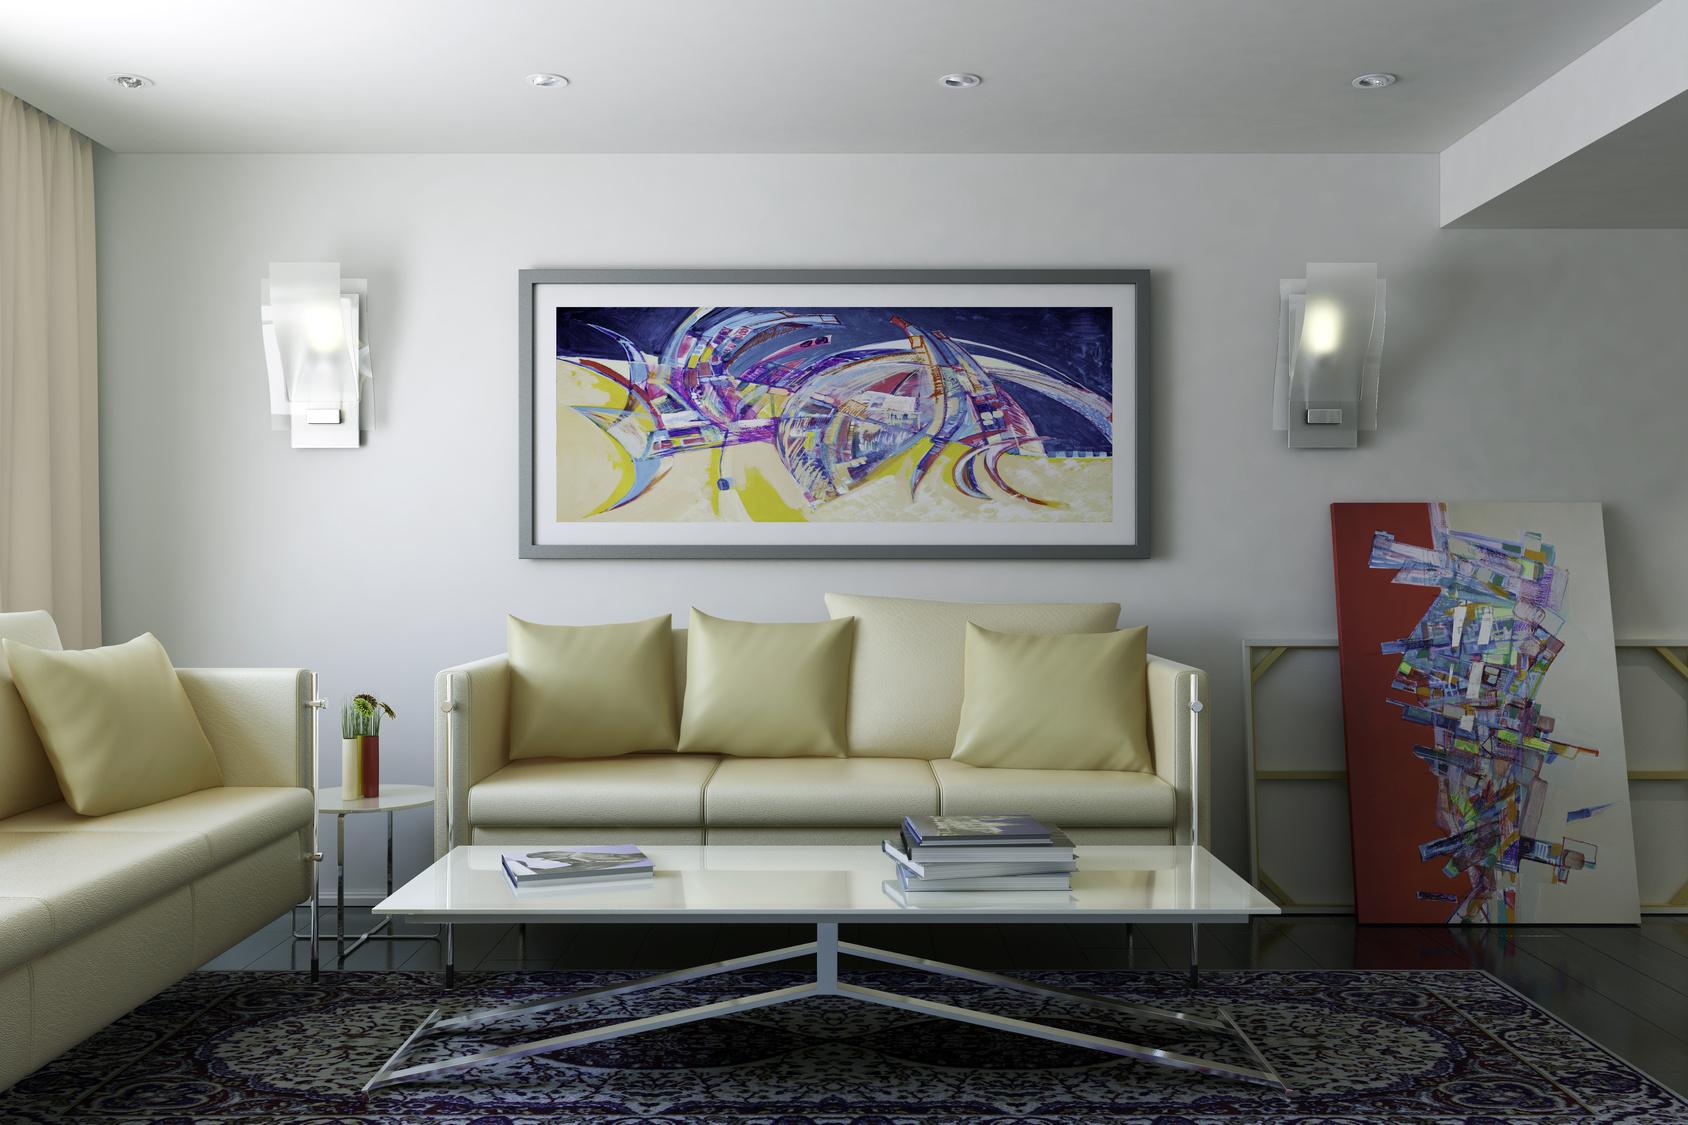 die richtigen m bel f r ein gem tliches wohnzimmer m bel akut ratgeber. Black Bedroom Furniture Sets. Home Design Ideas